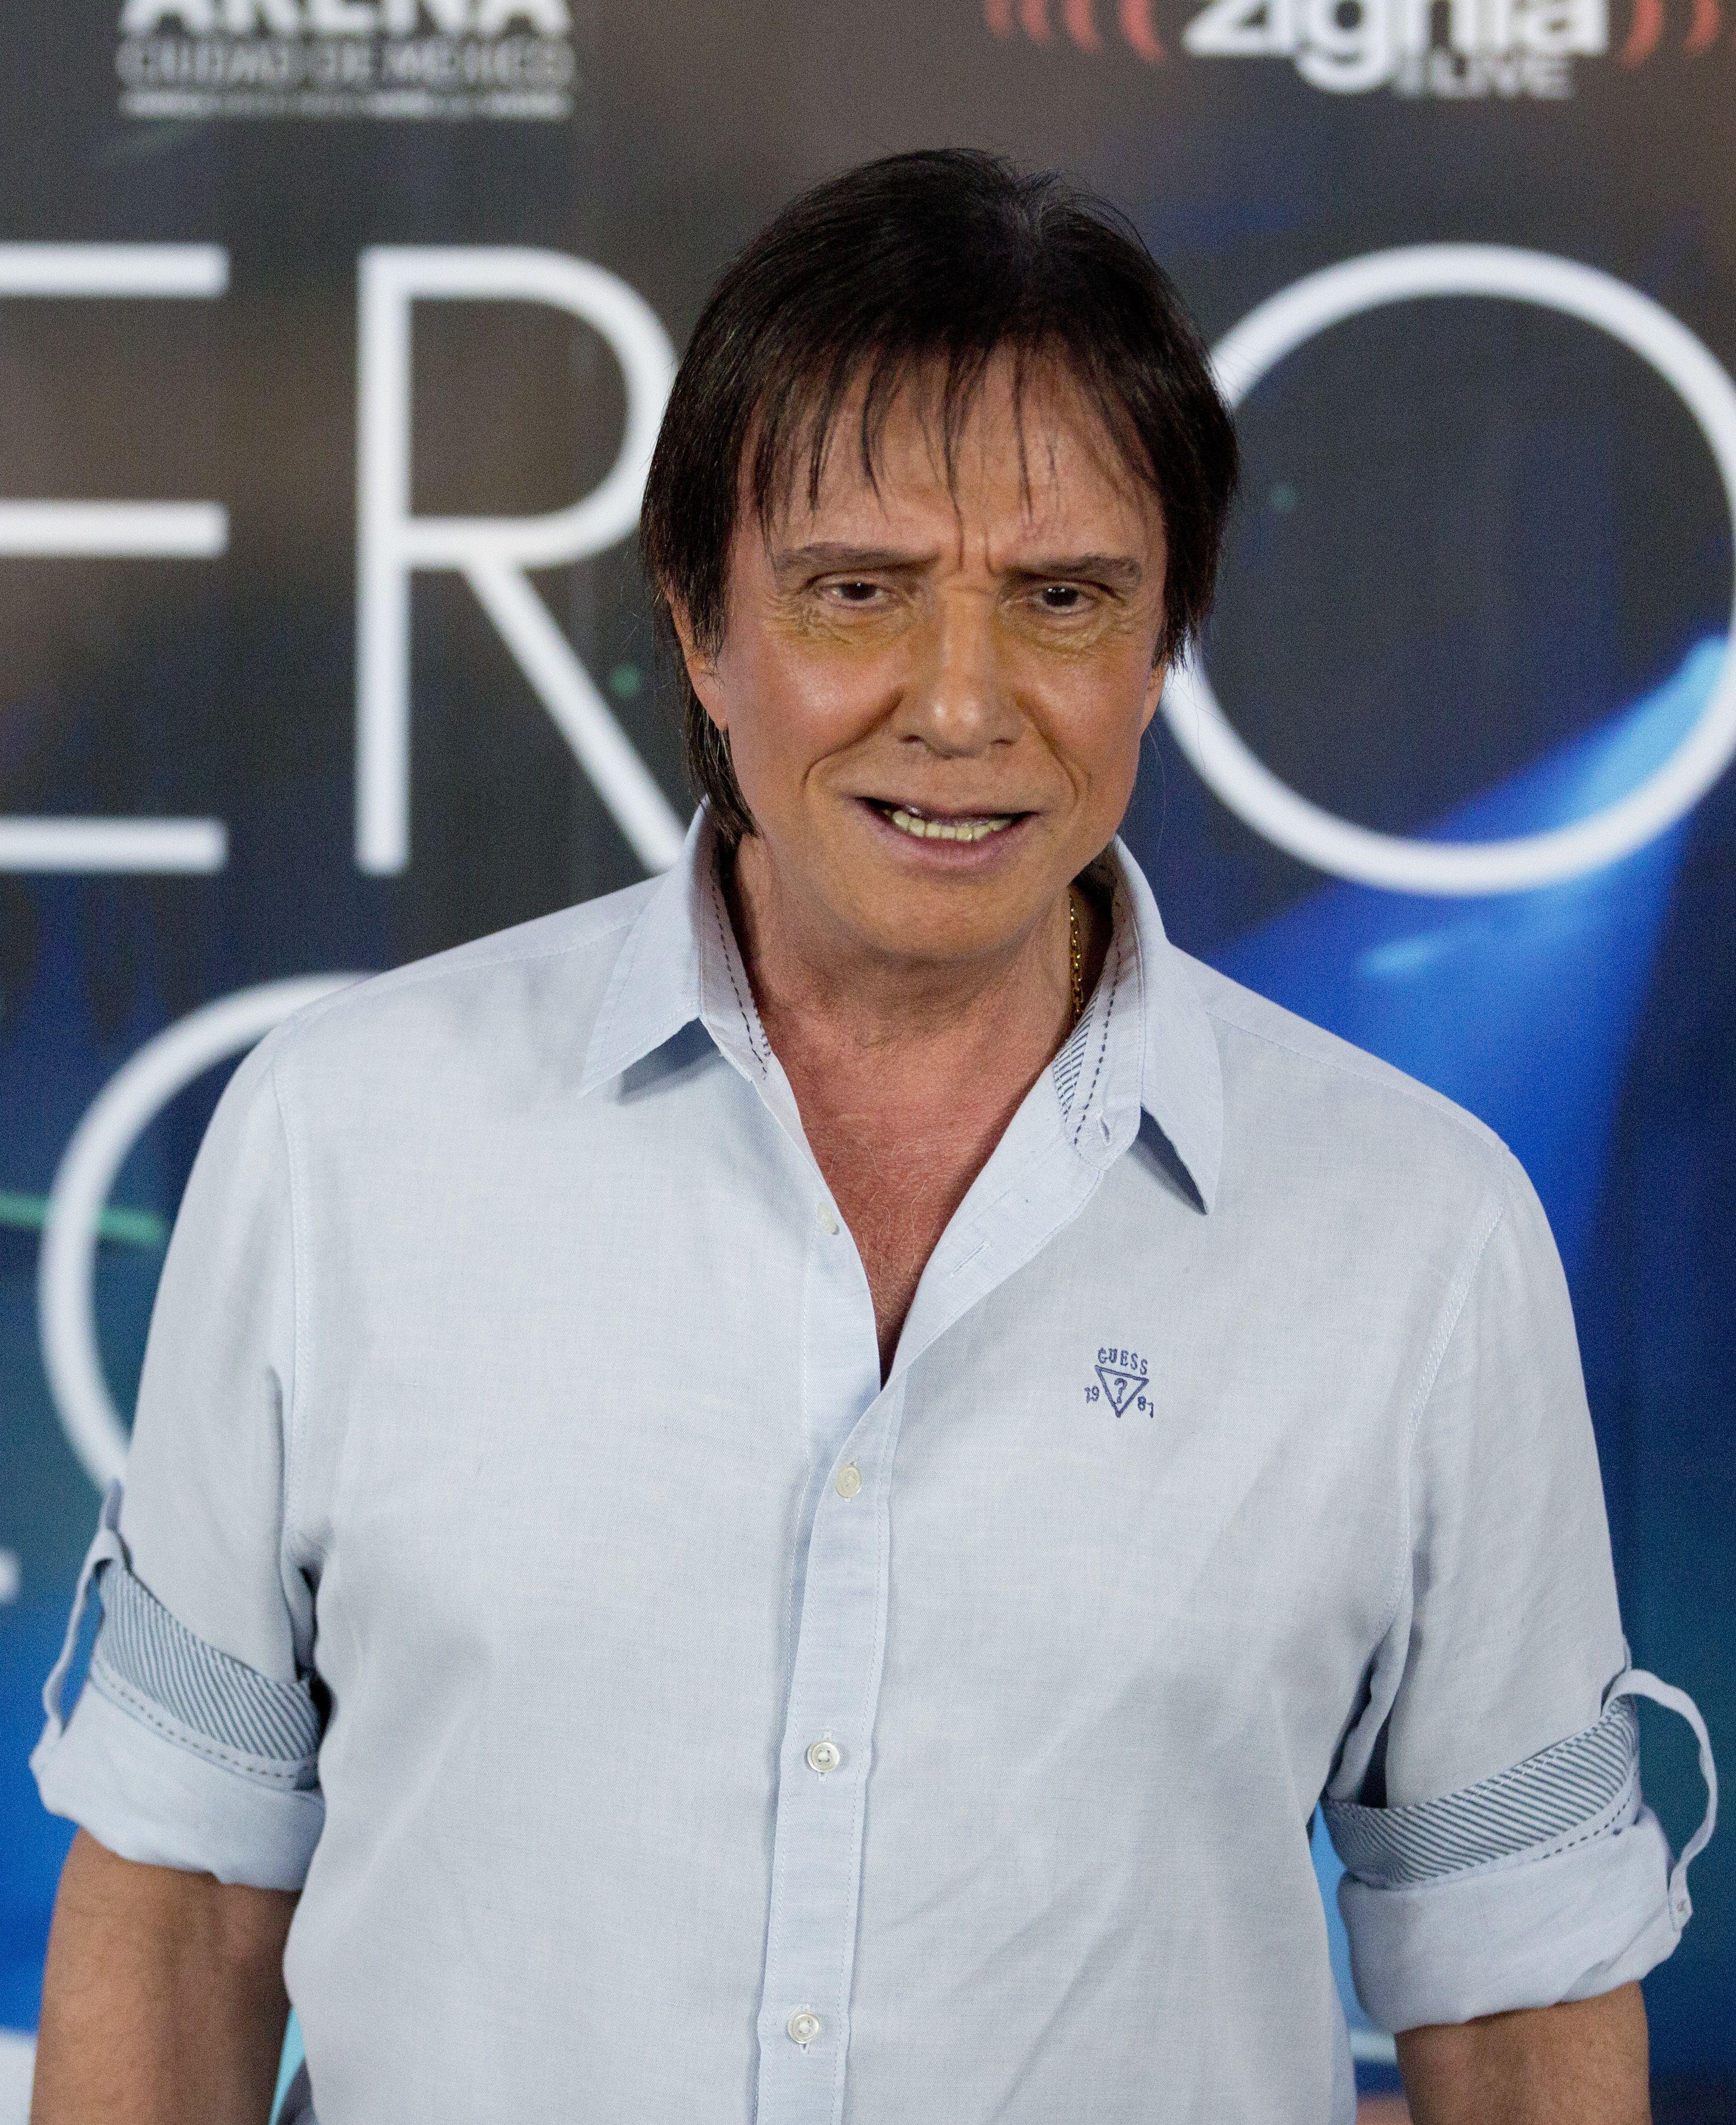 """ARCHIVO - El cantautor galardonado con el Grammy Roberto Carlos durante una sesión fotográfica para promover su concierto y nuevo álbum """"Primera Fila"""" en la Ciudad de México el 21 de septiembre de 2016. (Foto AP/Eduardo Verdugo, archivo)"""